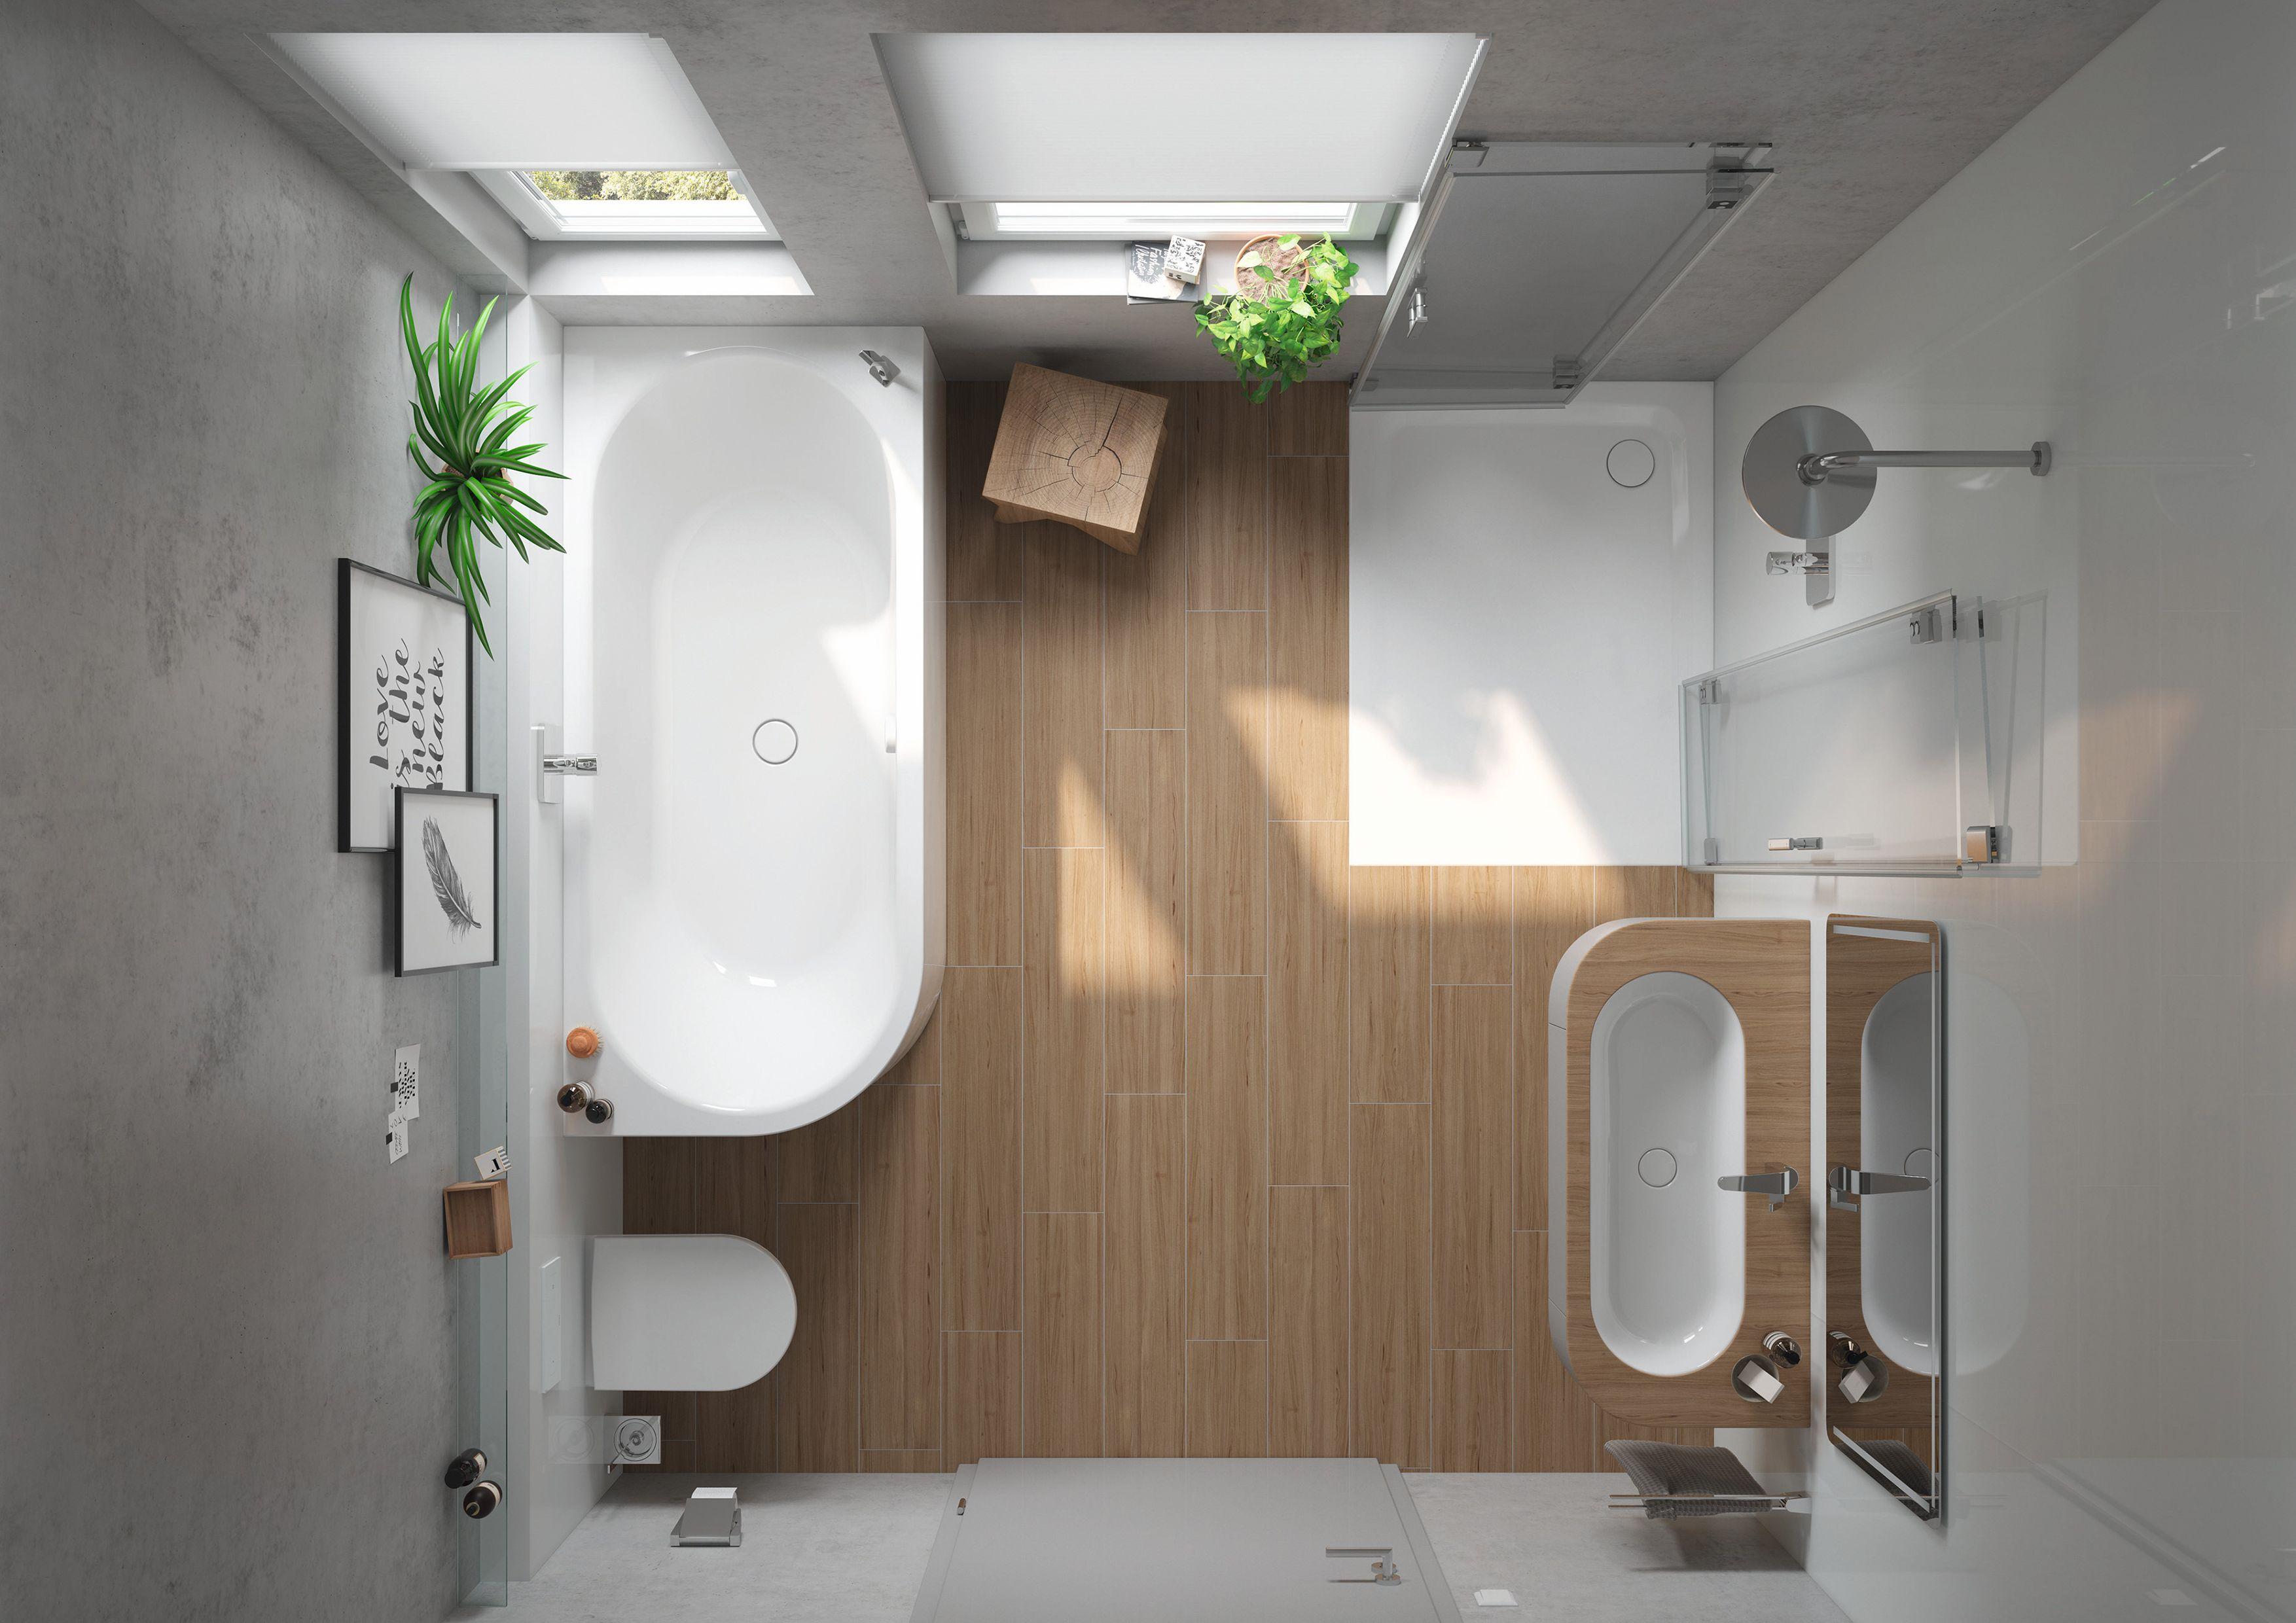 Komfortabel und barrierefrei im Badezimmer   Verbraucherzentrale.de